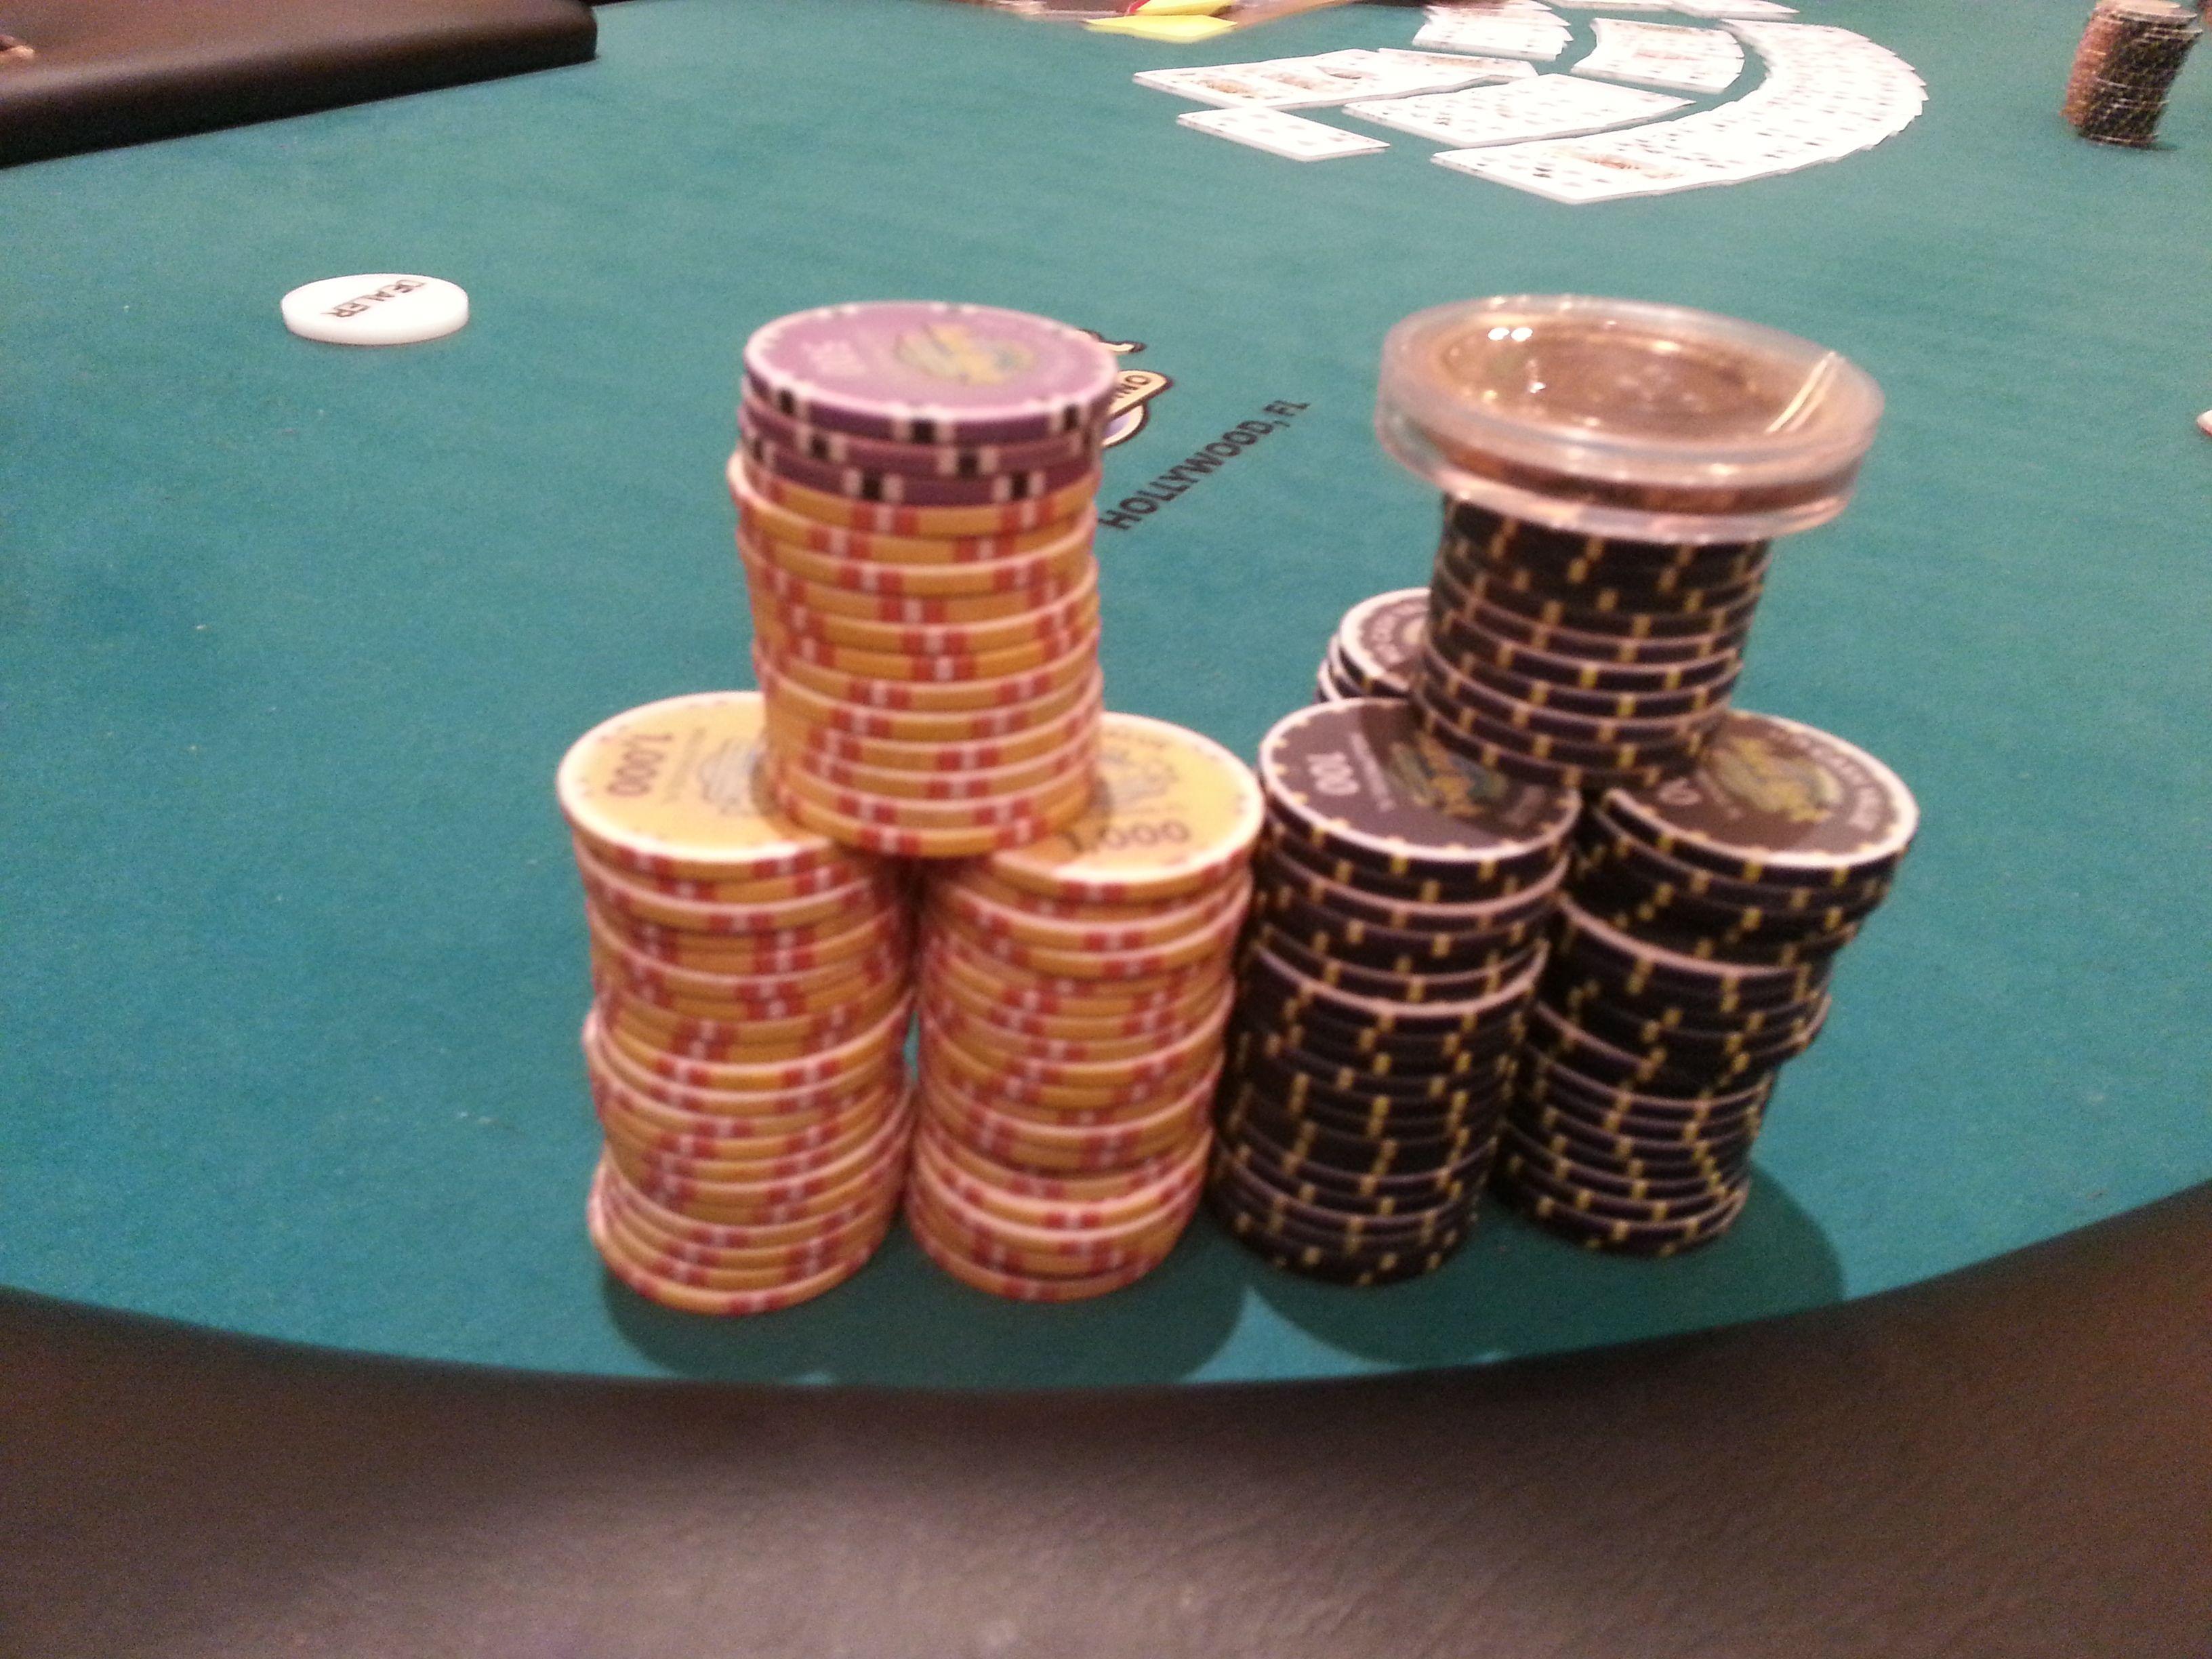 climbing | Poker Chip Stacks | Pinterest | Poker chips